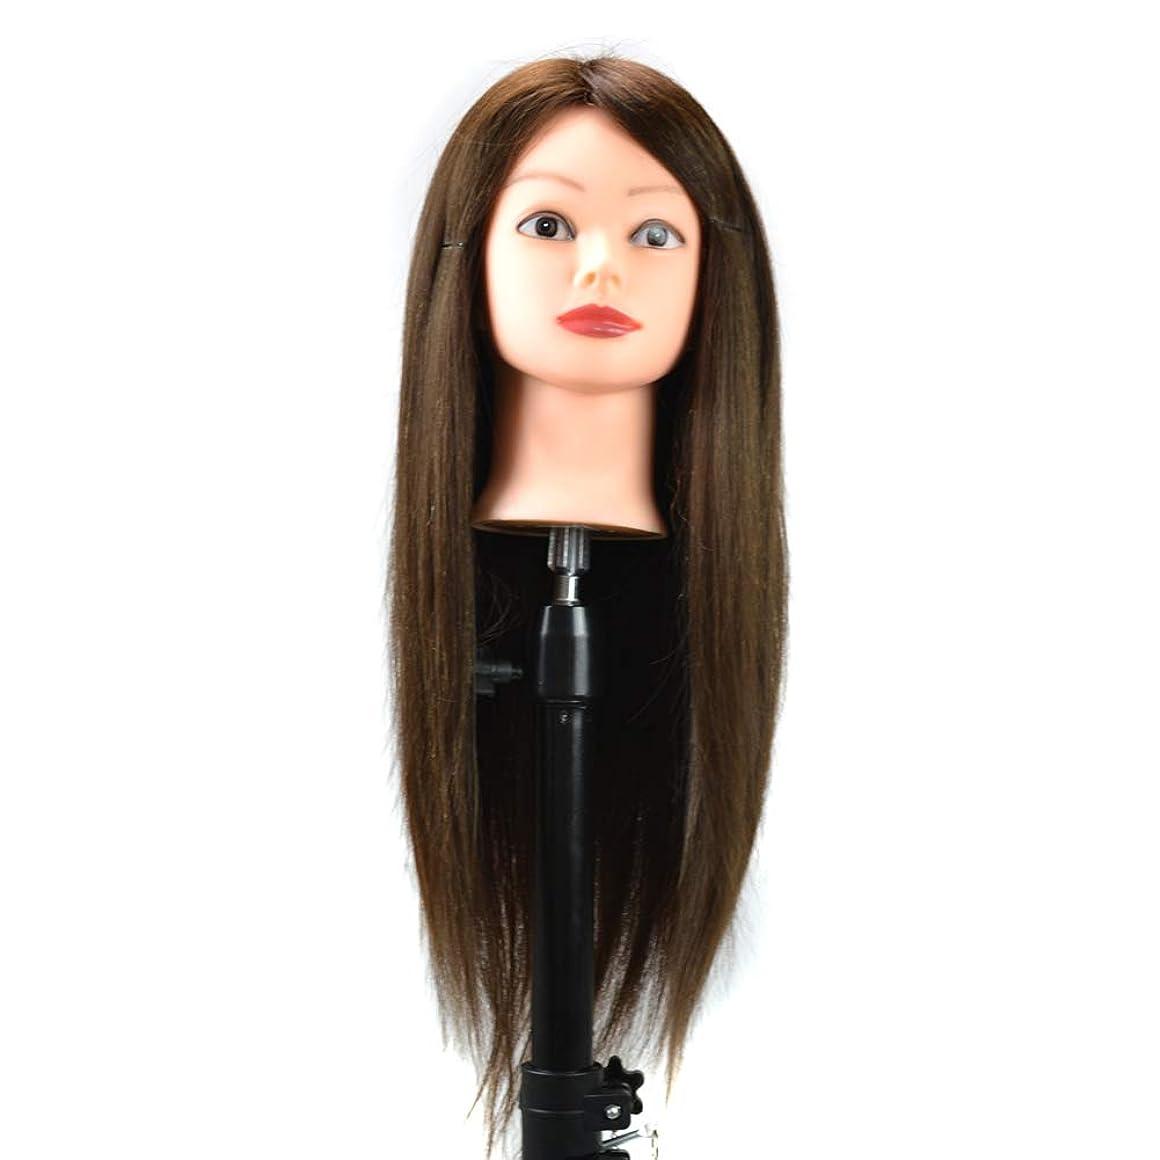 見捨てられた報いるホイッスルスタイリング編組ダミーヘッドトレーニングヘッドディスクヘアーメイクアップウィッグマネキンヘッドにすることができますヘアカール人間の髪の練習ヘッドモールド